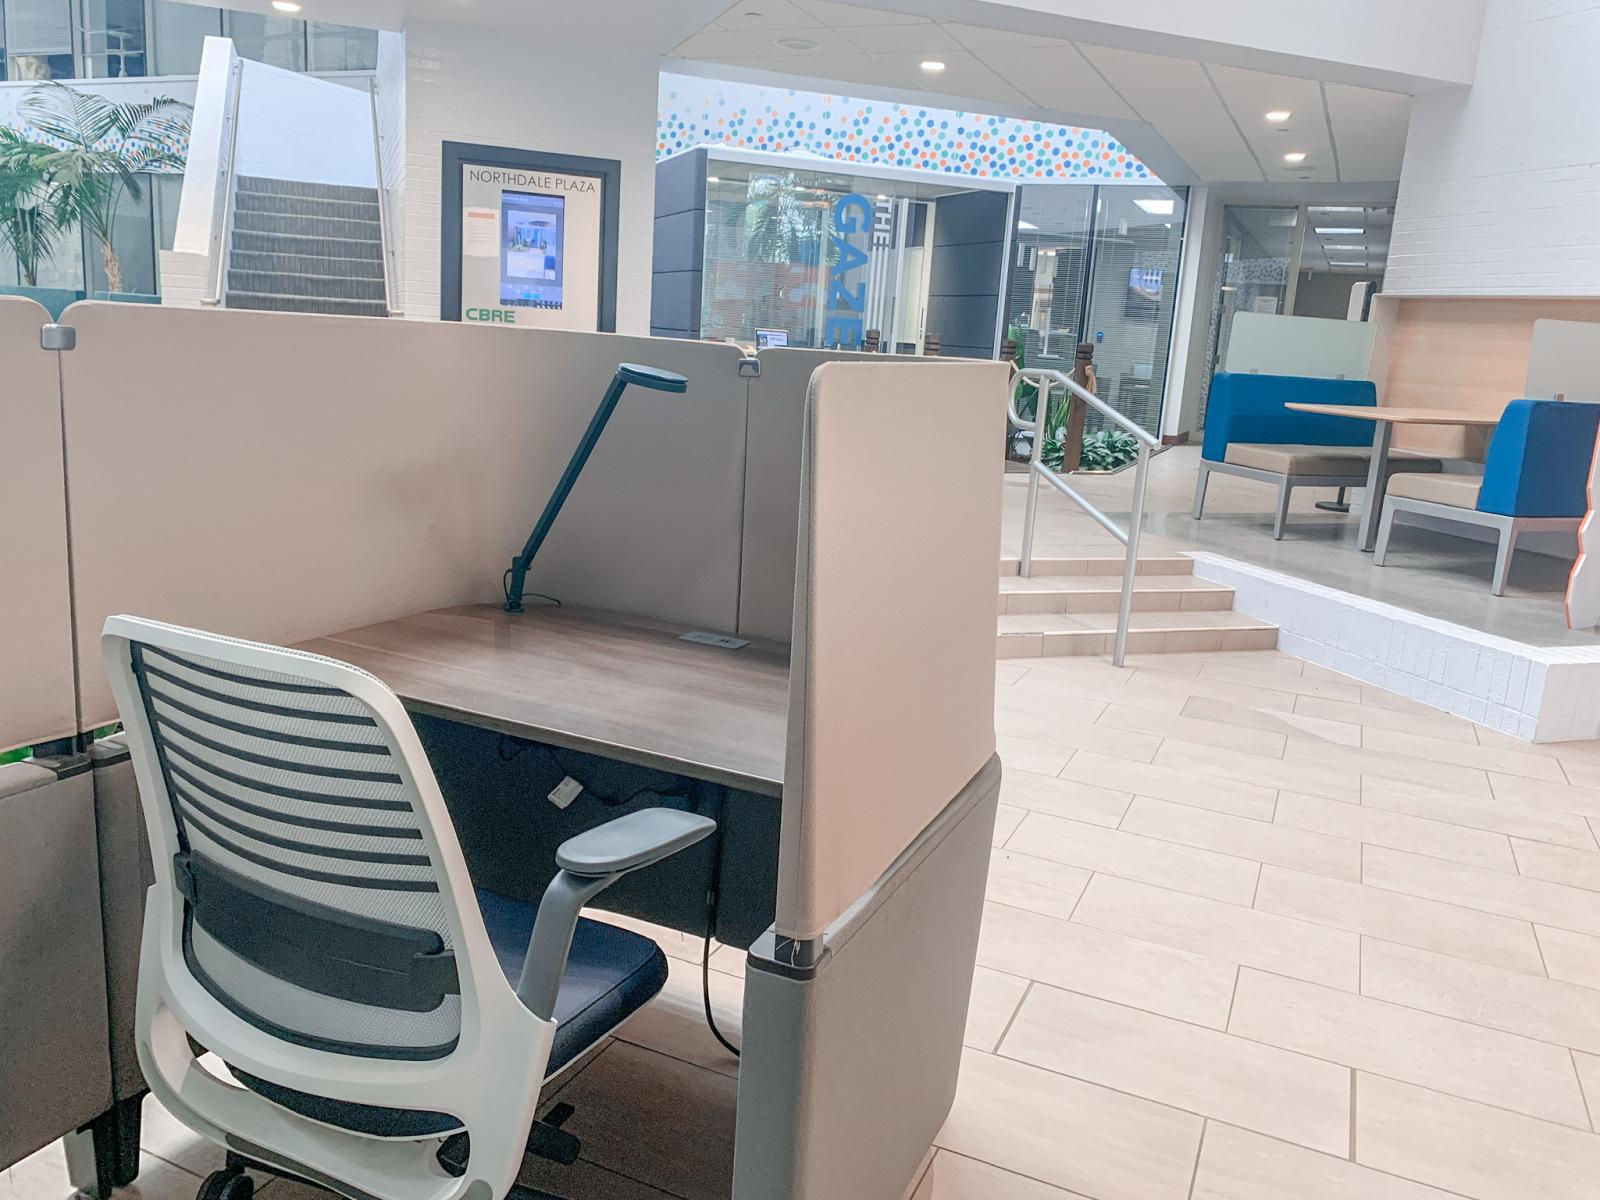 northdale_lobby-focus-workspace-2